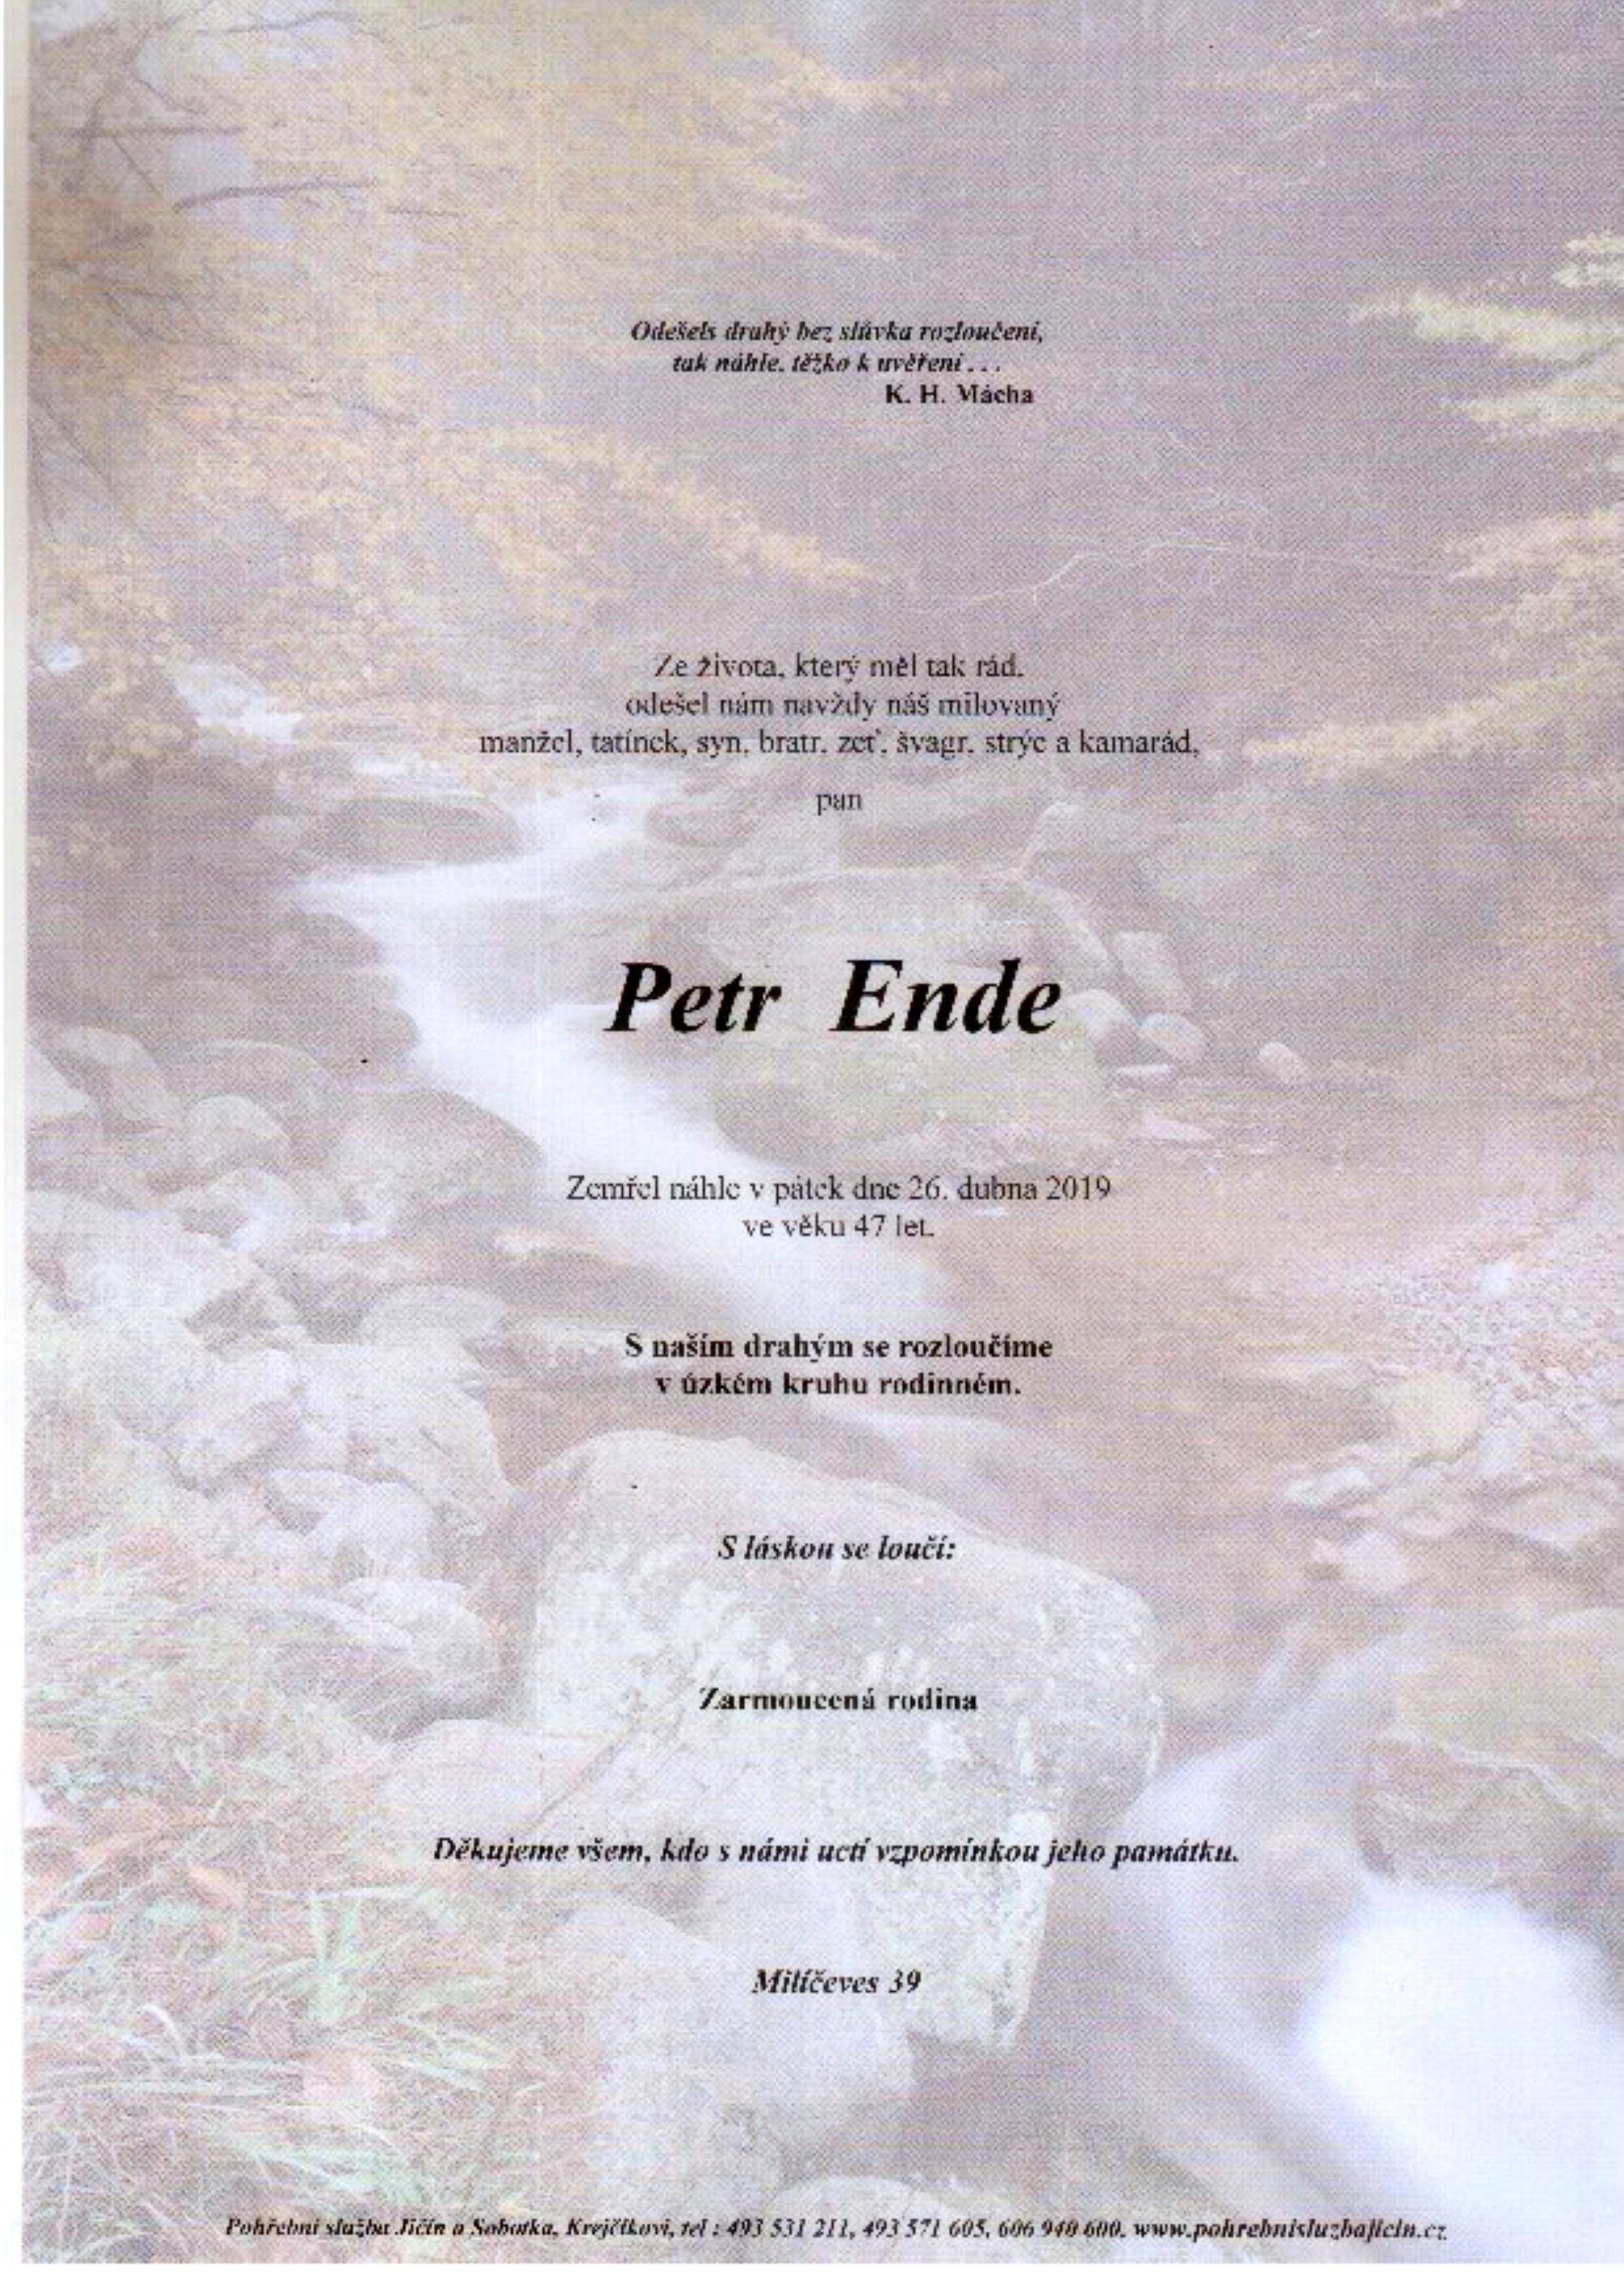 Petr Ende